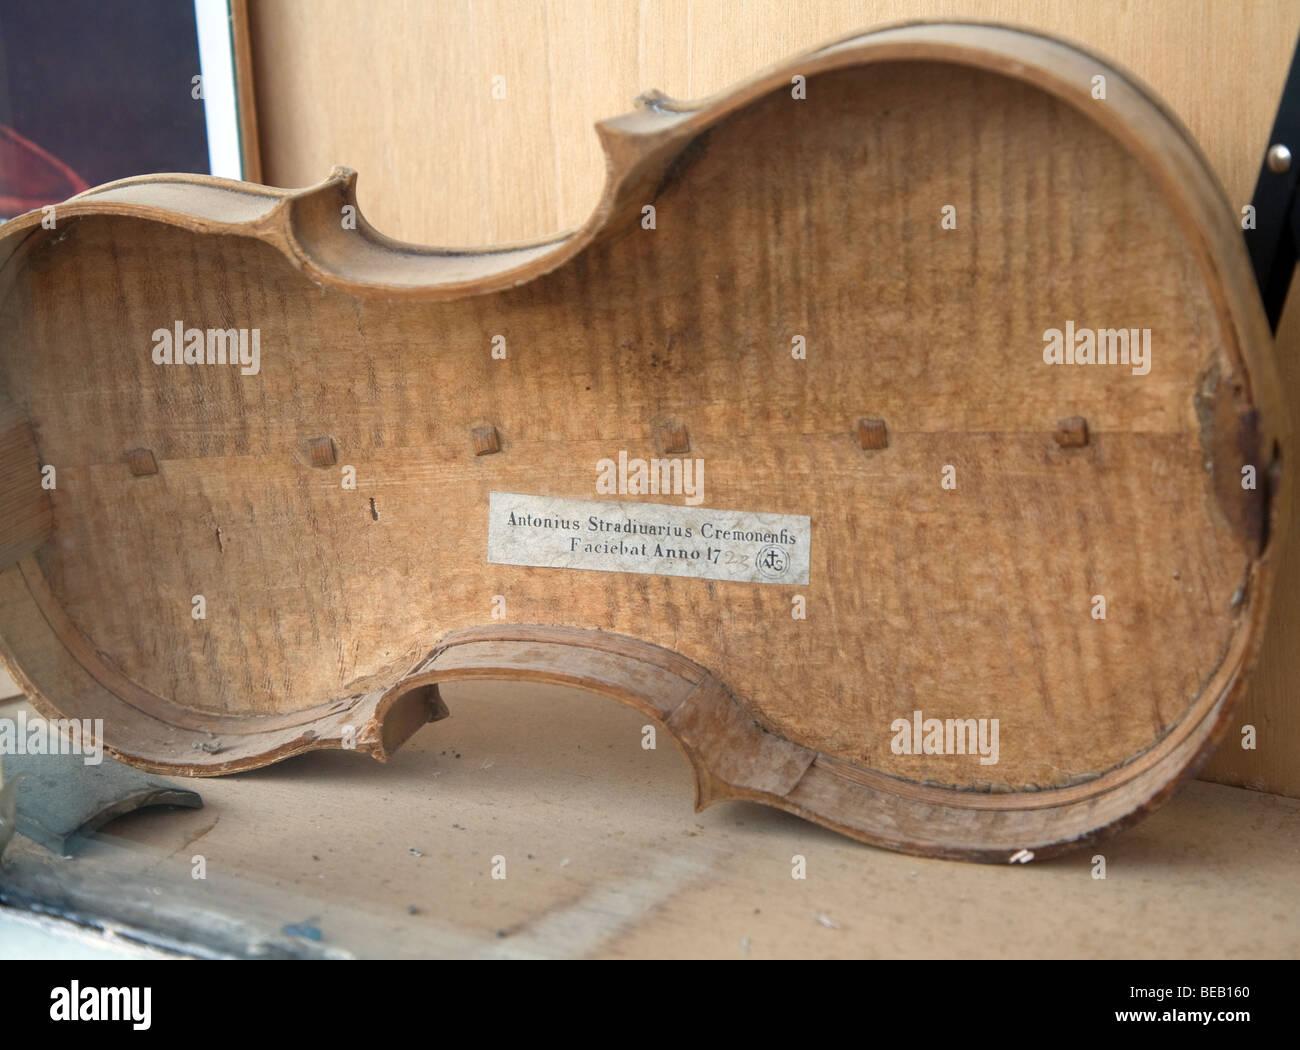 Stradivari Violine Gehäuse Stockbild